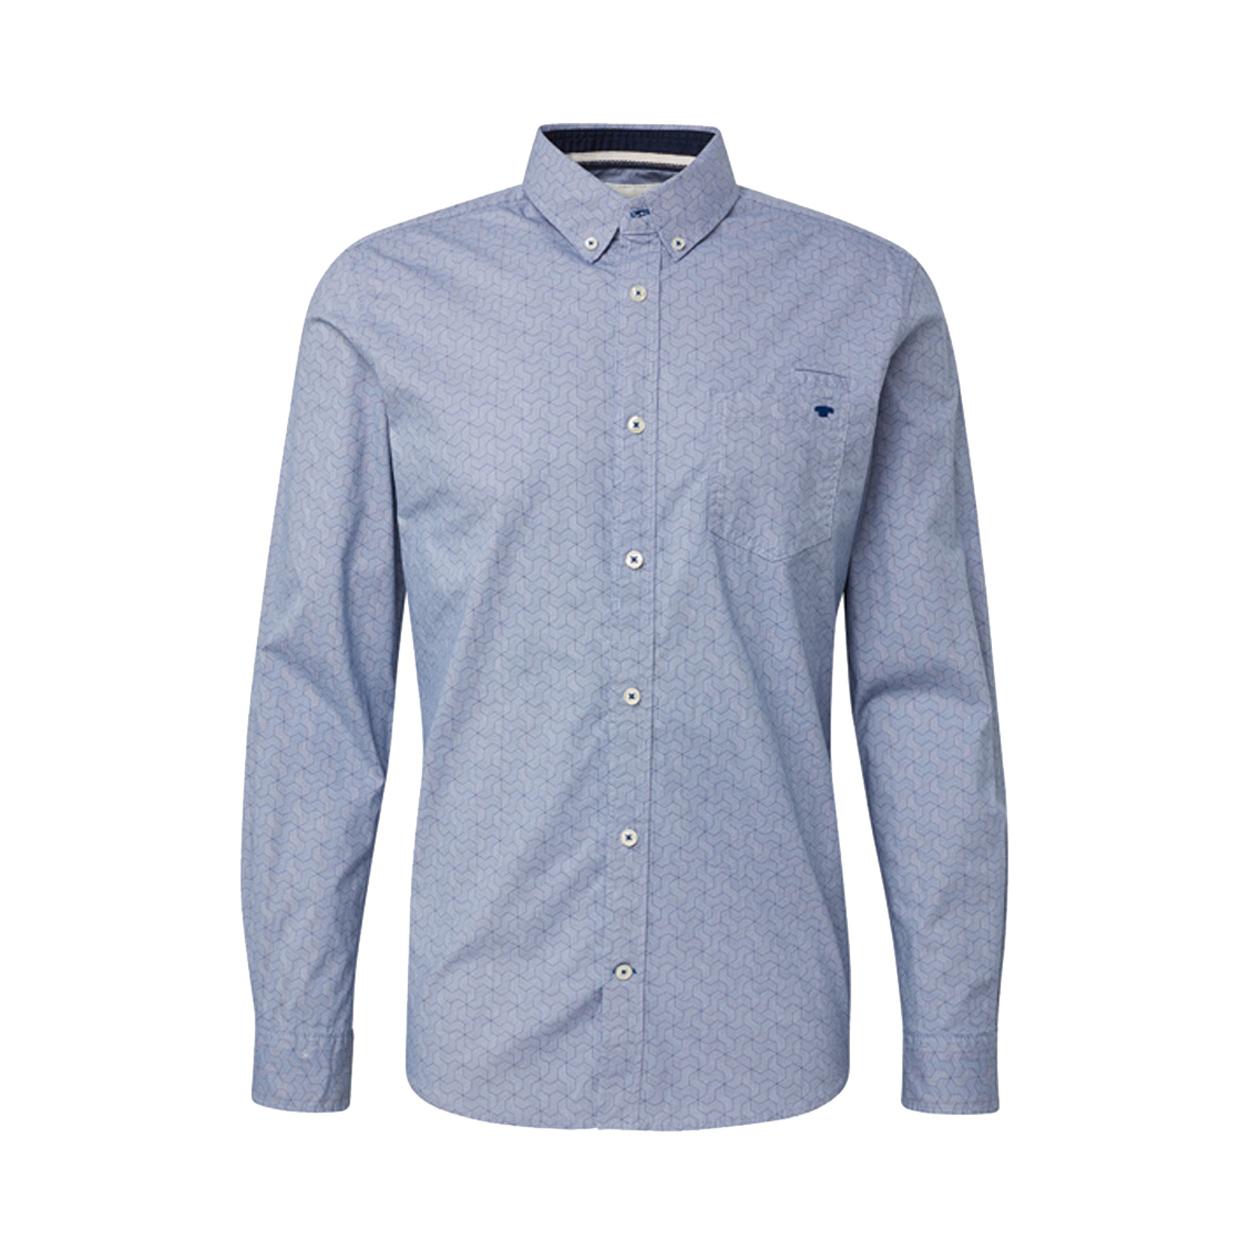 Chemise ajustée  en coton stretch bleu denim à motifs graphiques